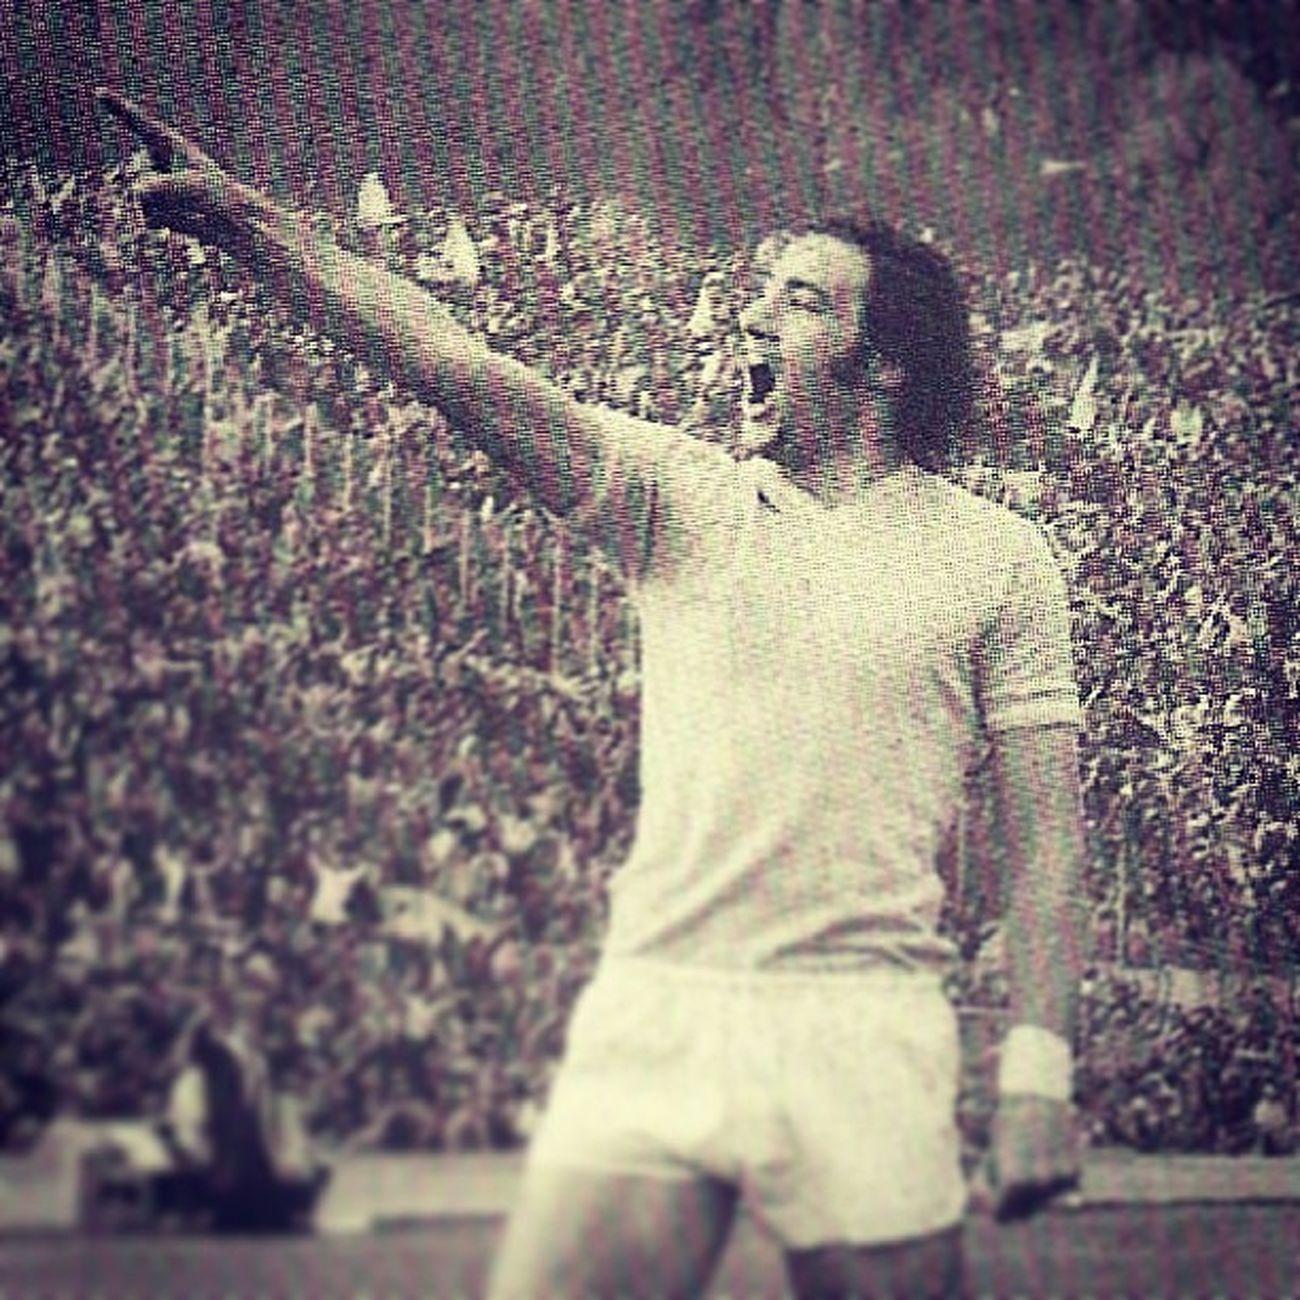 Chinaglia Giorgiochinaglia Sslasio Derby 1974 Rome Goal Göl Match Soccer Calcio Football Campionatocalcio Italiansoccer Italianleague League Lazio